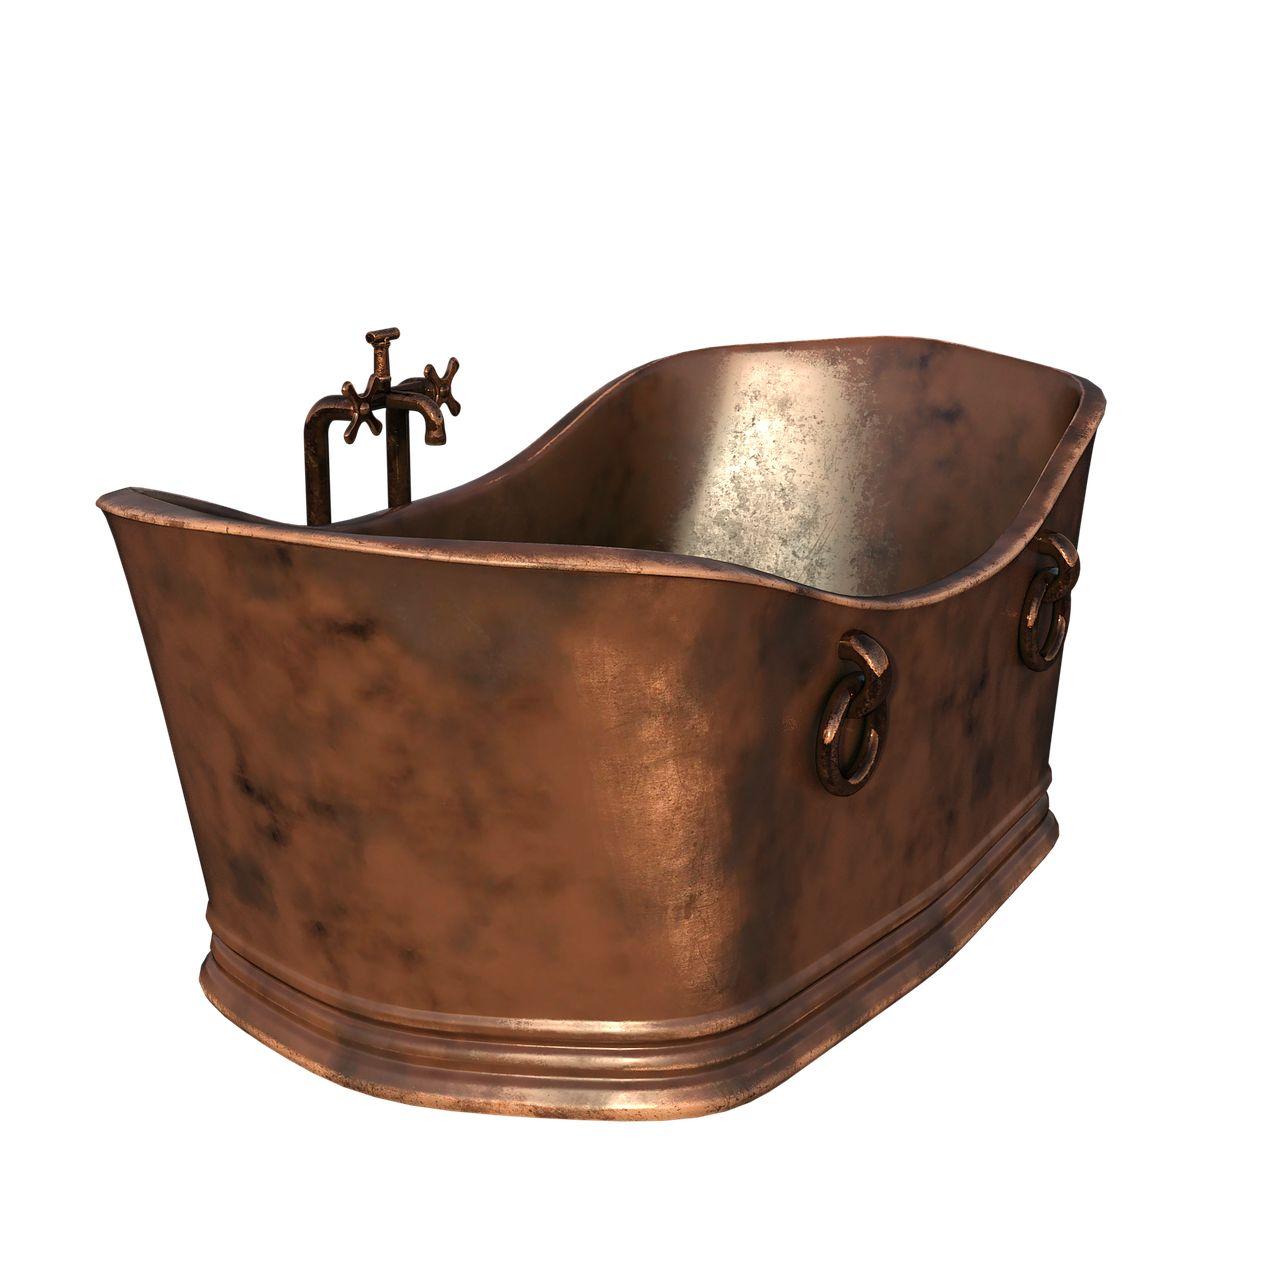 Wat is een jacuzzi - BathTub, hottub, whirlpool, spa en zitbad - www.ZitBadXL.nl